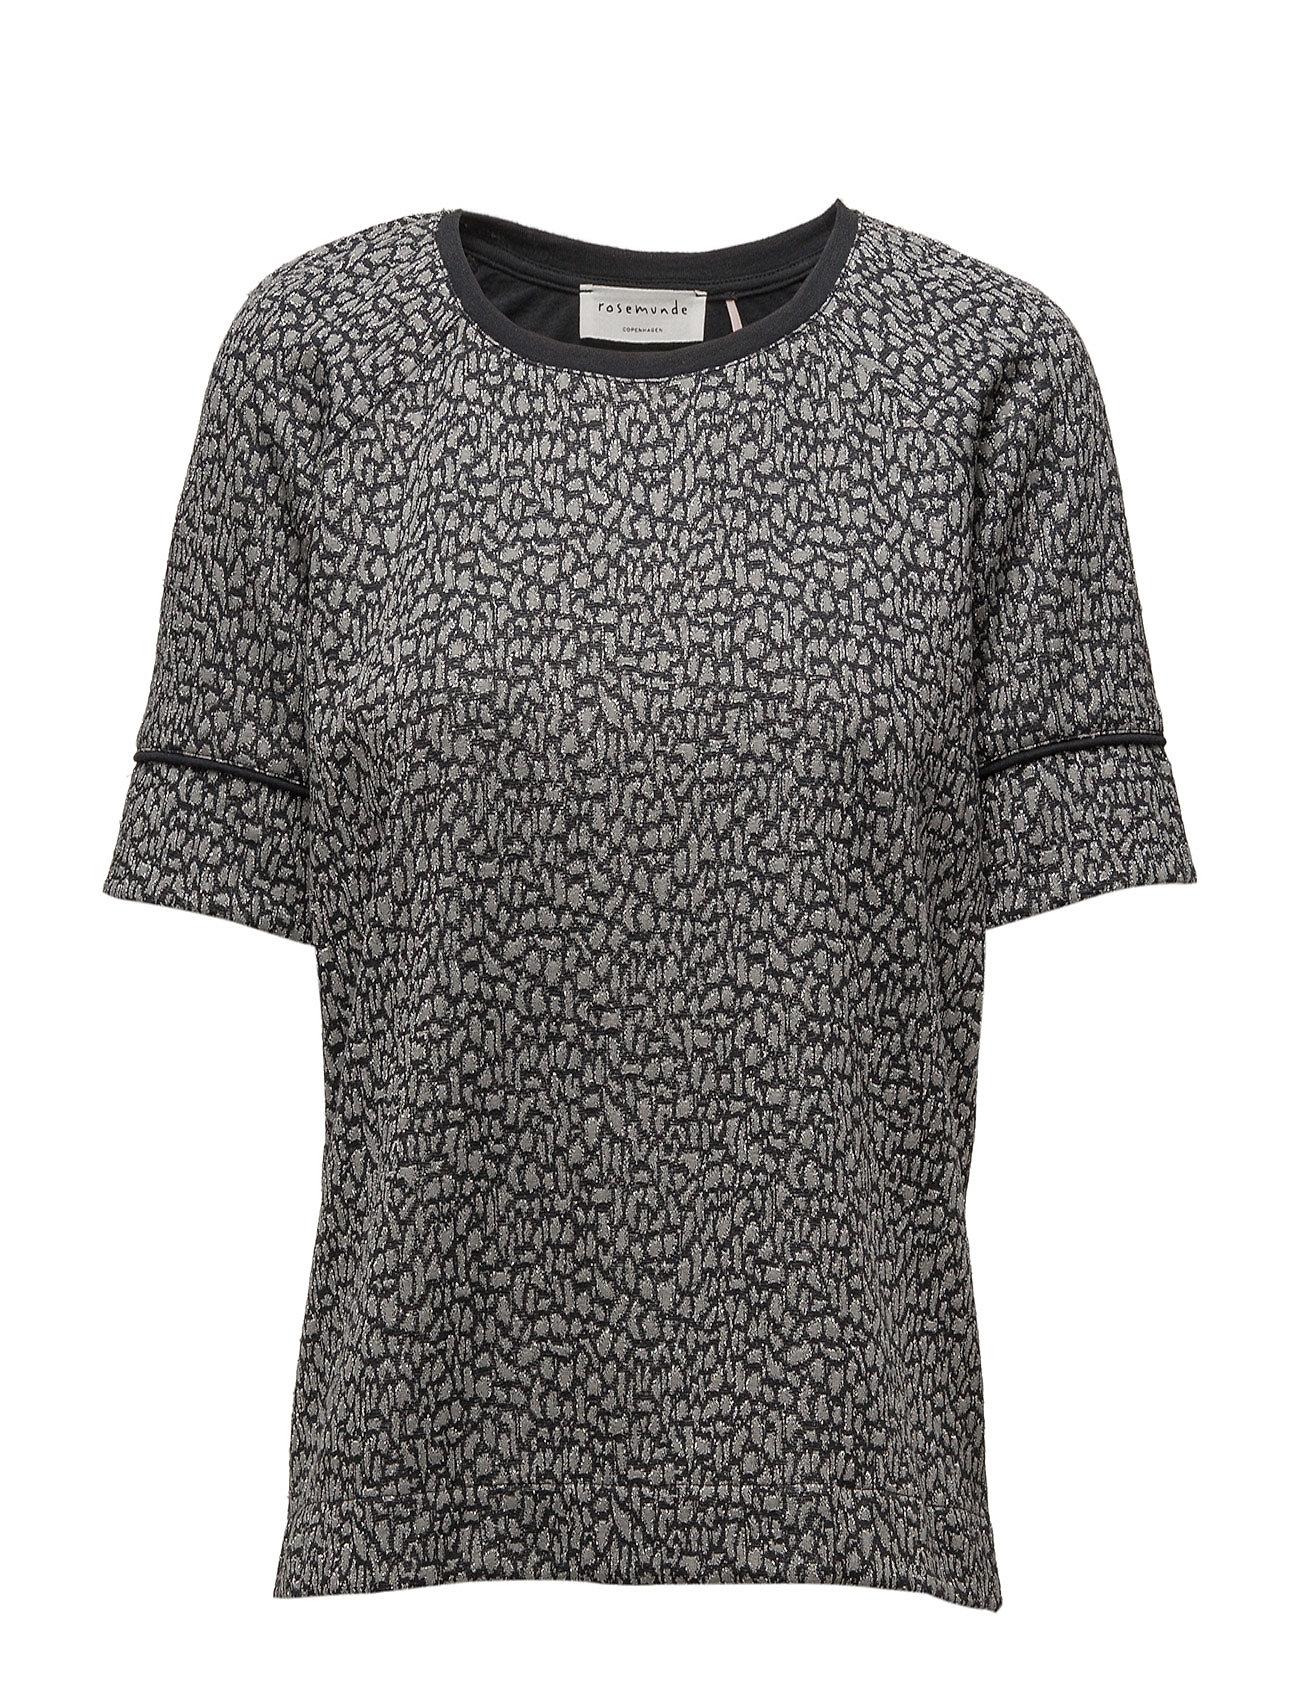 T-Shirt Ss Rosemunde Kortærmede til Damer i